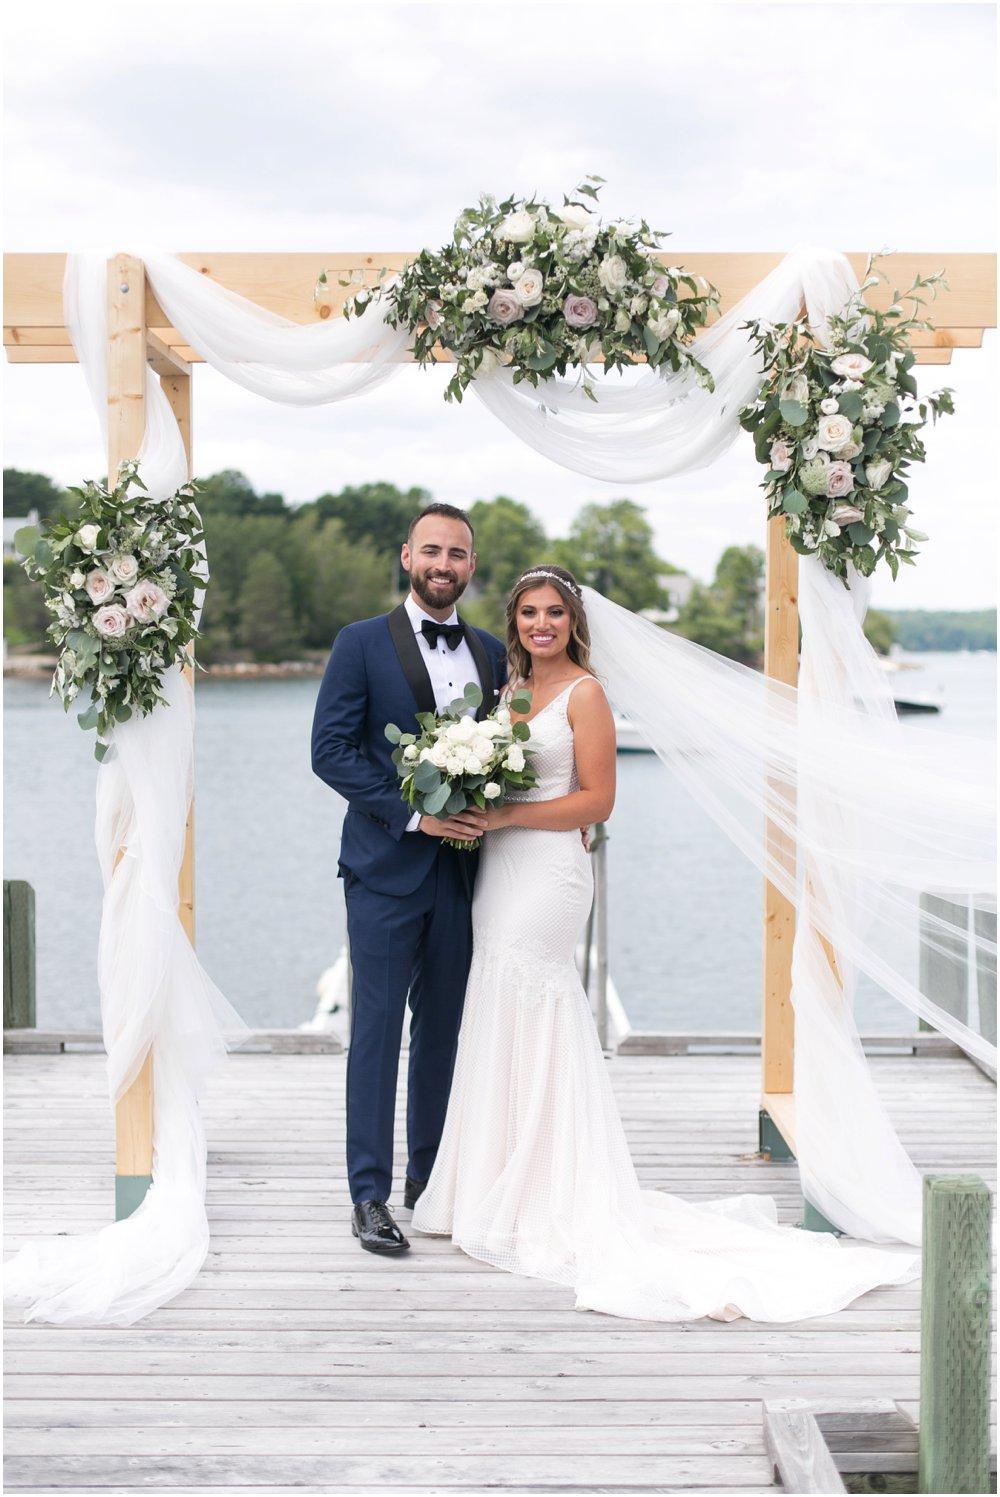 Mahone-Bay-Wedding-Chantal-Routhier-Photography_0019.jpg